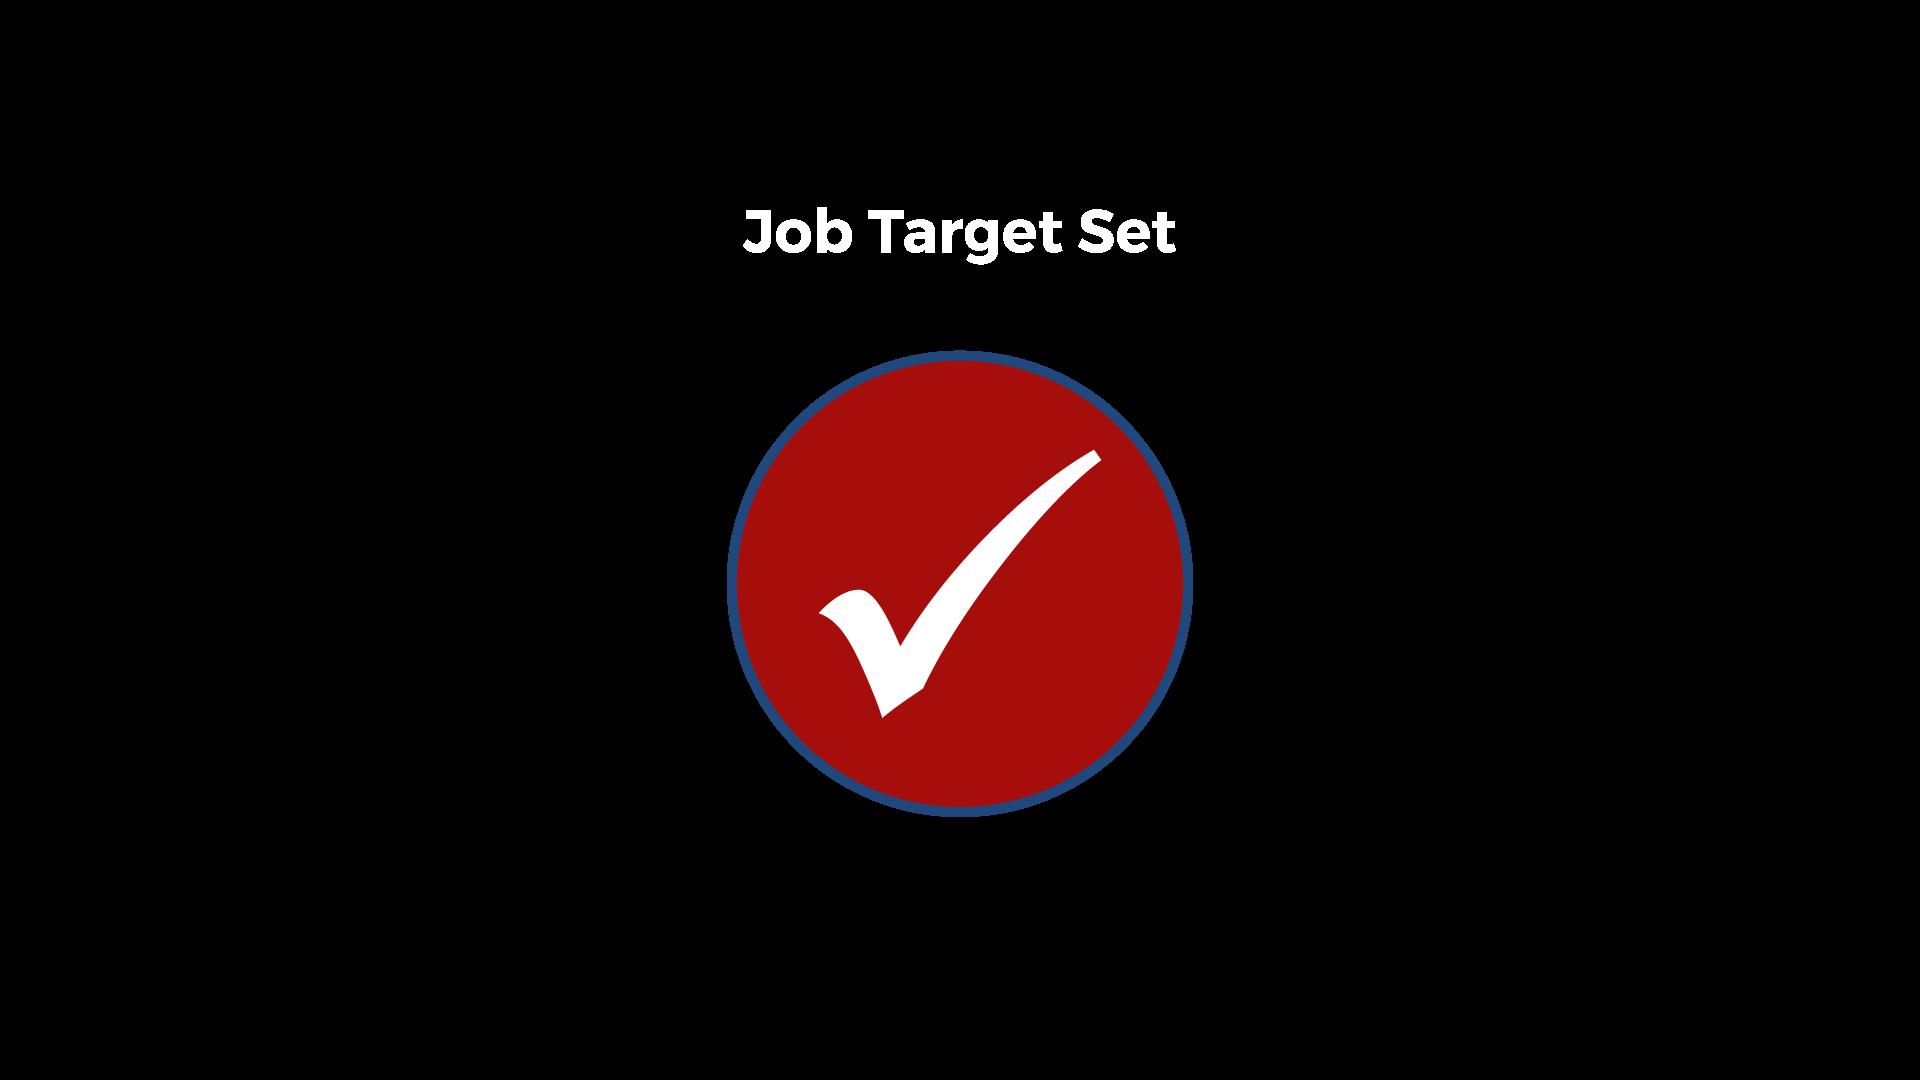 job target set